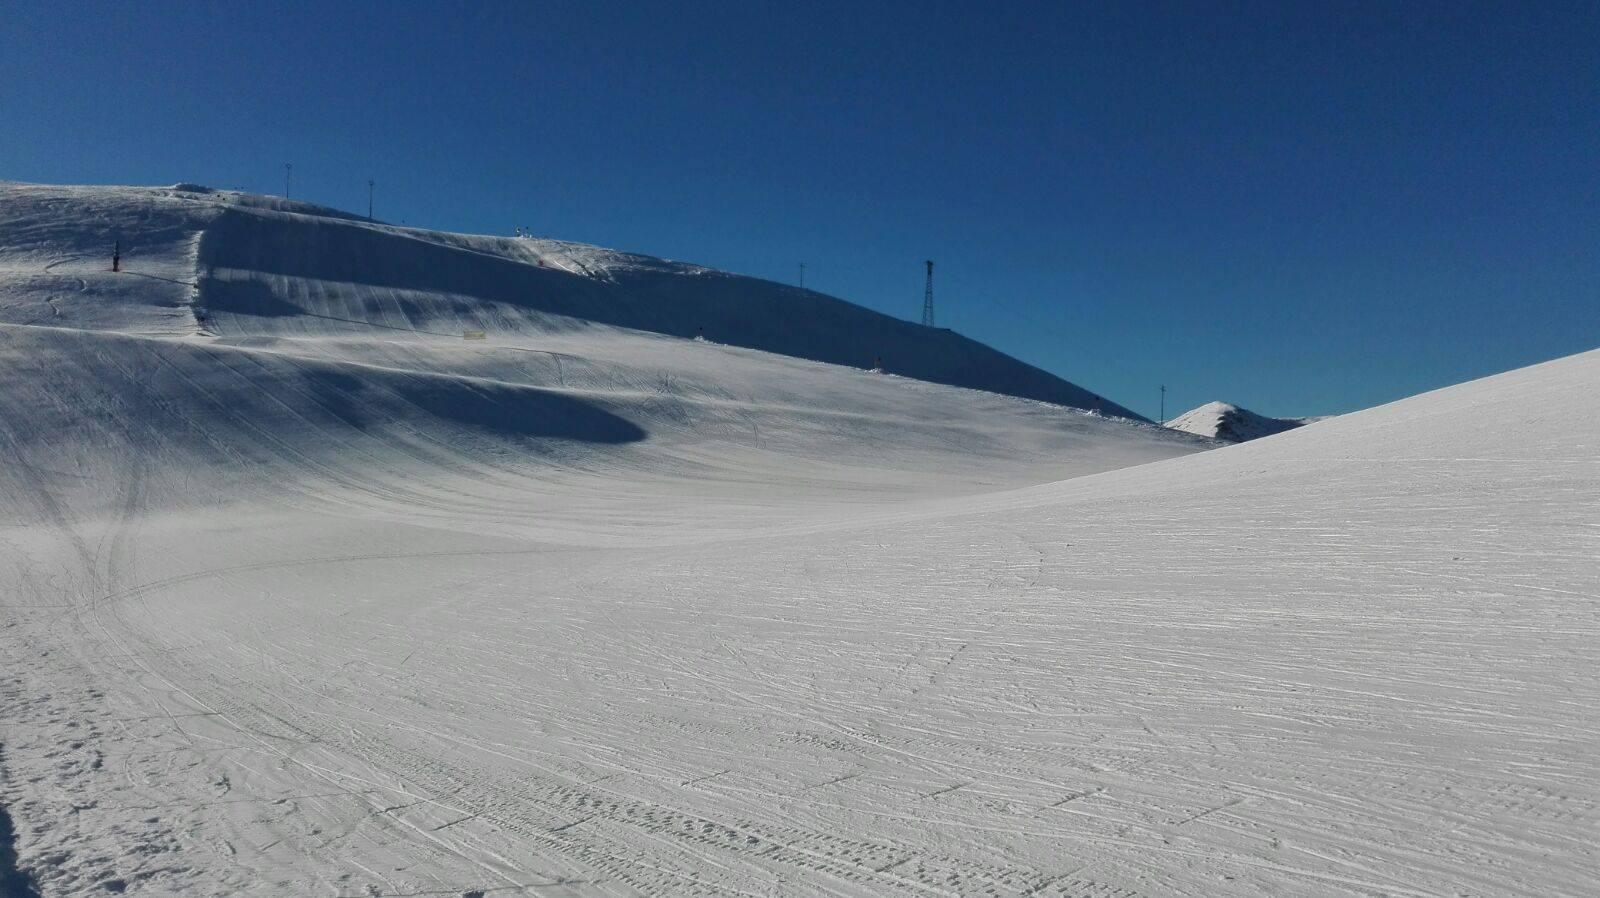 Piste innevate in attesa di sciatori